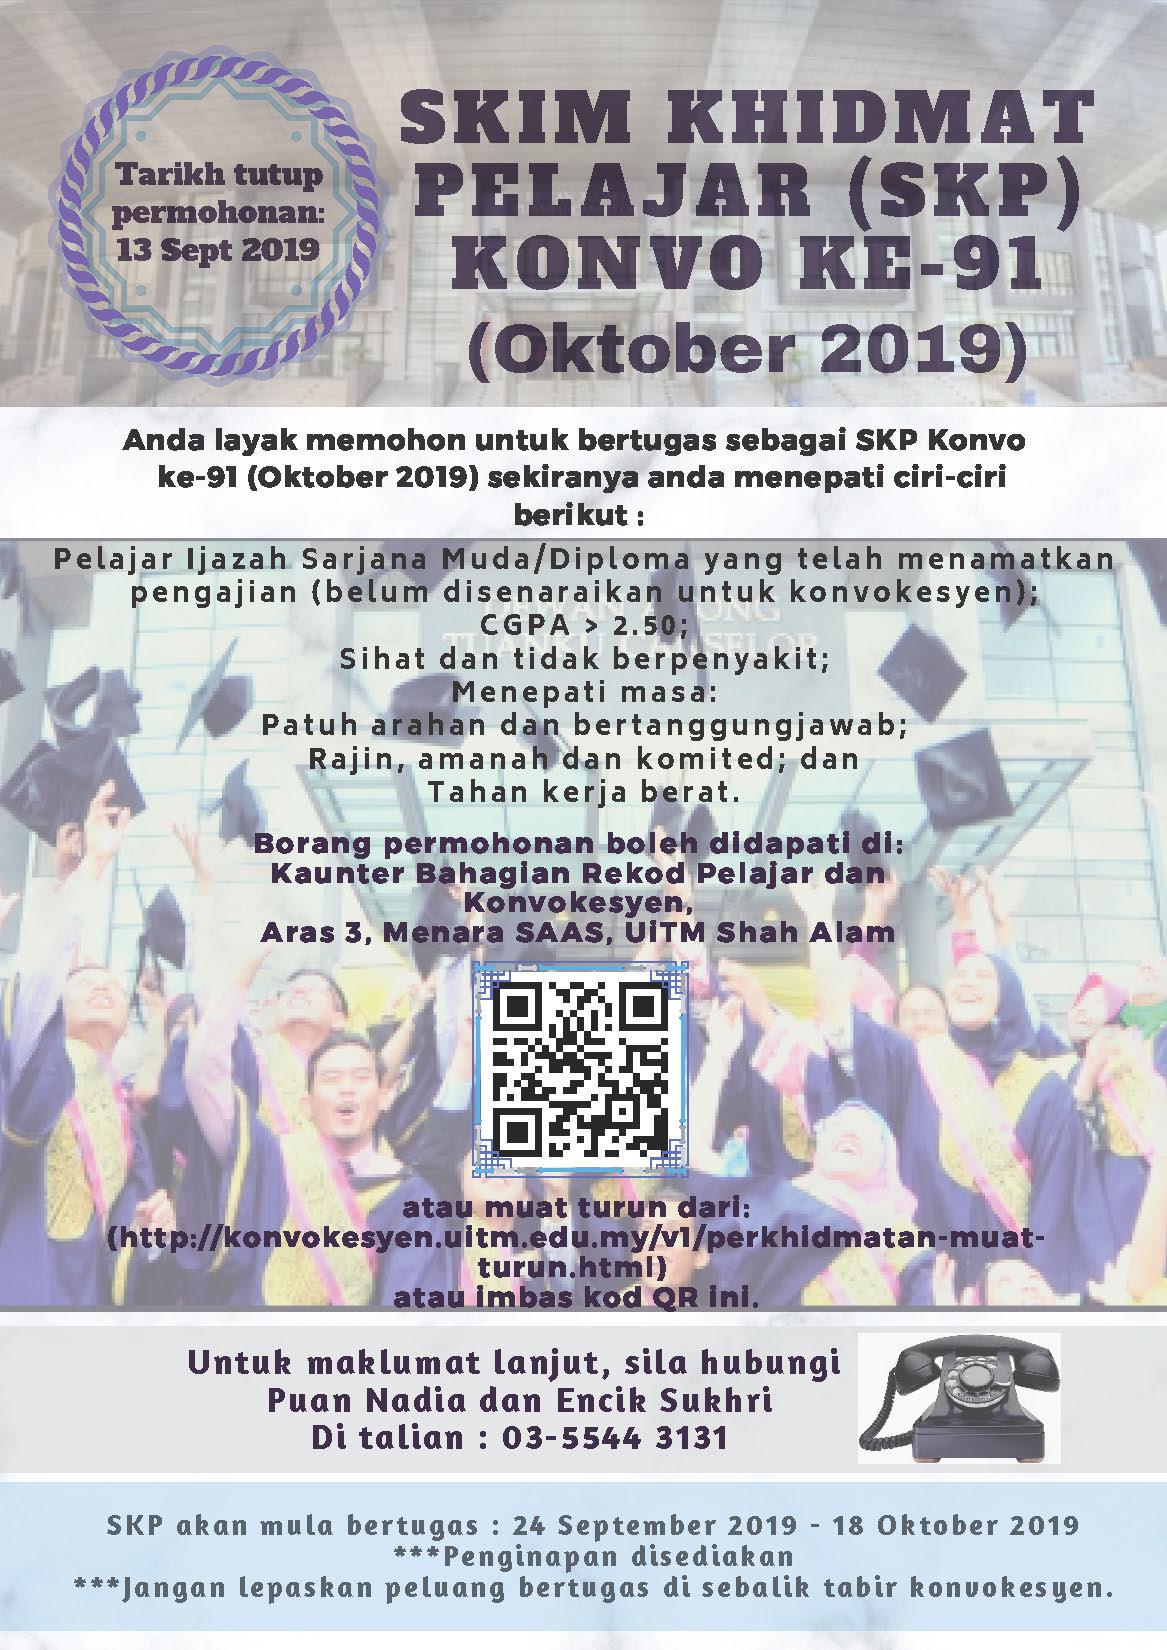 Rekod Pelajar Dan Konvokesyen Bahagian Rekod Pelajar Dan Konvokesyen Uitm Shah Alam 2020